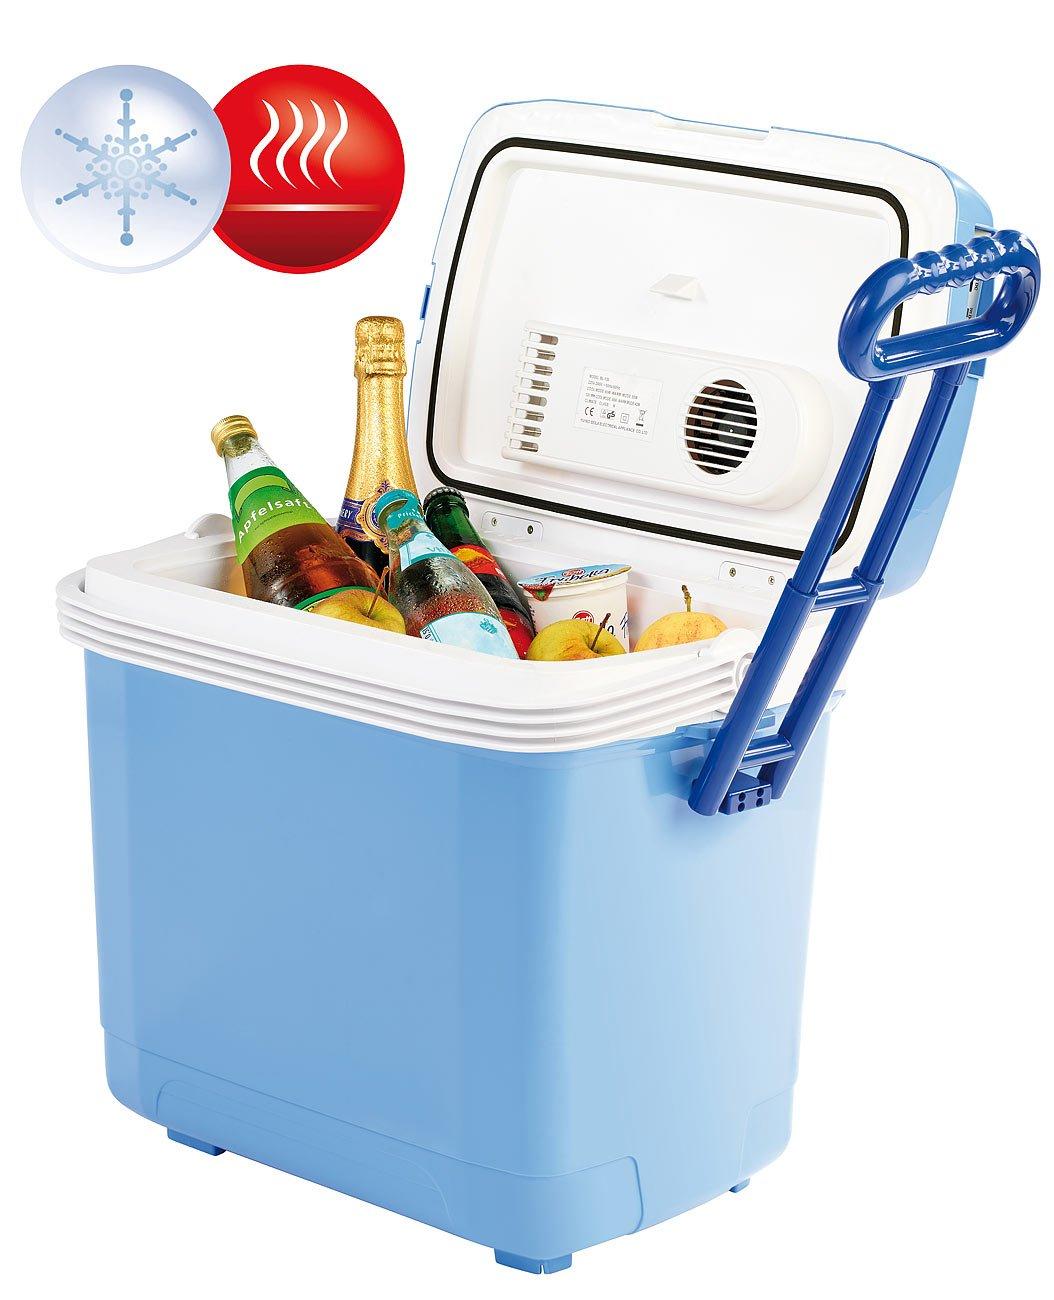 Xcase Wärmebox für Essen: Thermoelektrische Kühl- und Wärmebox, 30 l, 12 & 230 V Anschluss (Elektrische Wärmebox)